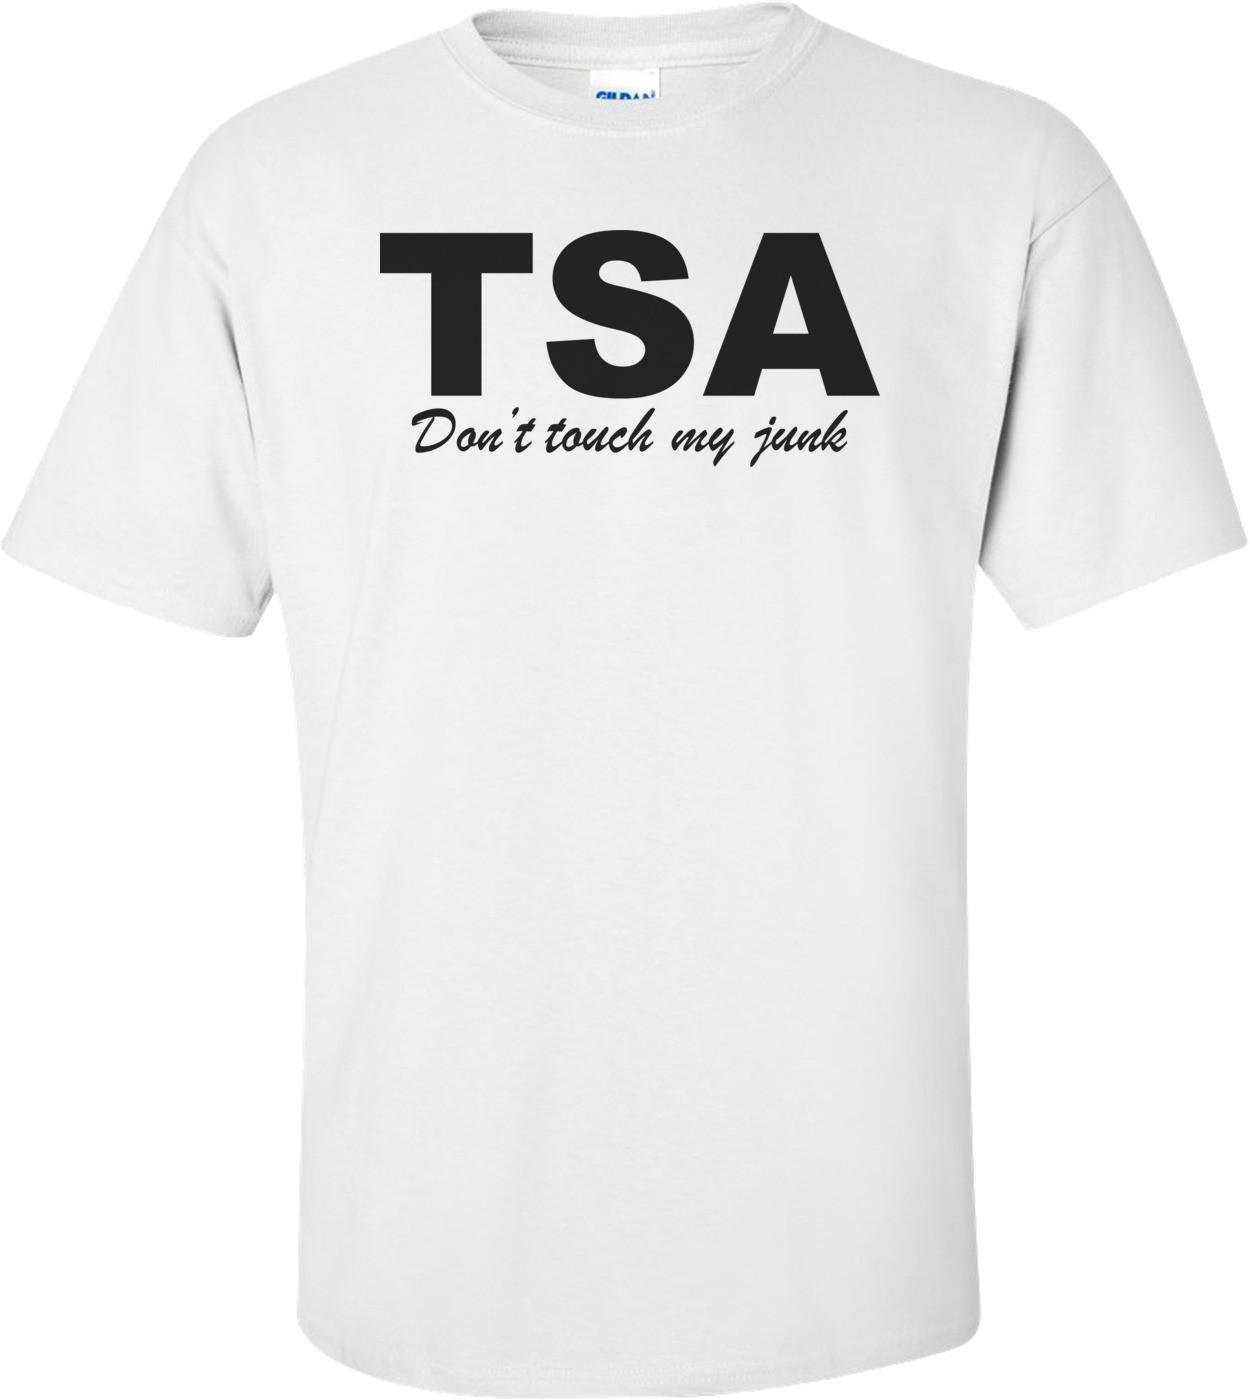 Tsa - Don't Touch My Junk T-Shirt